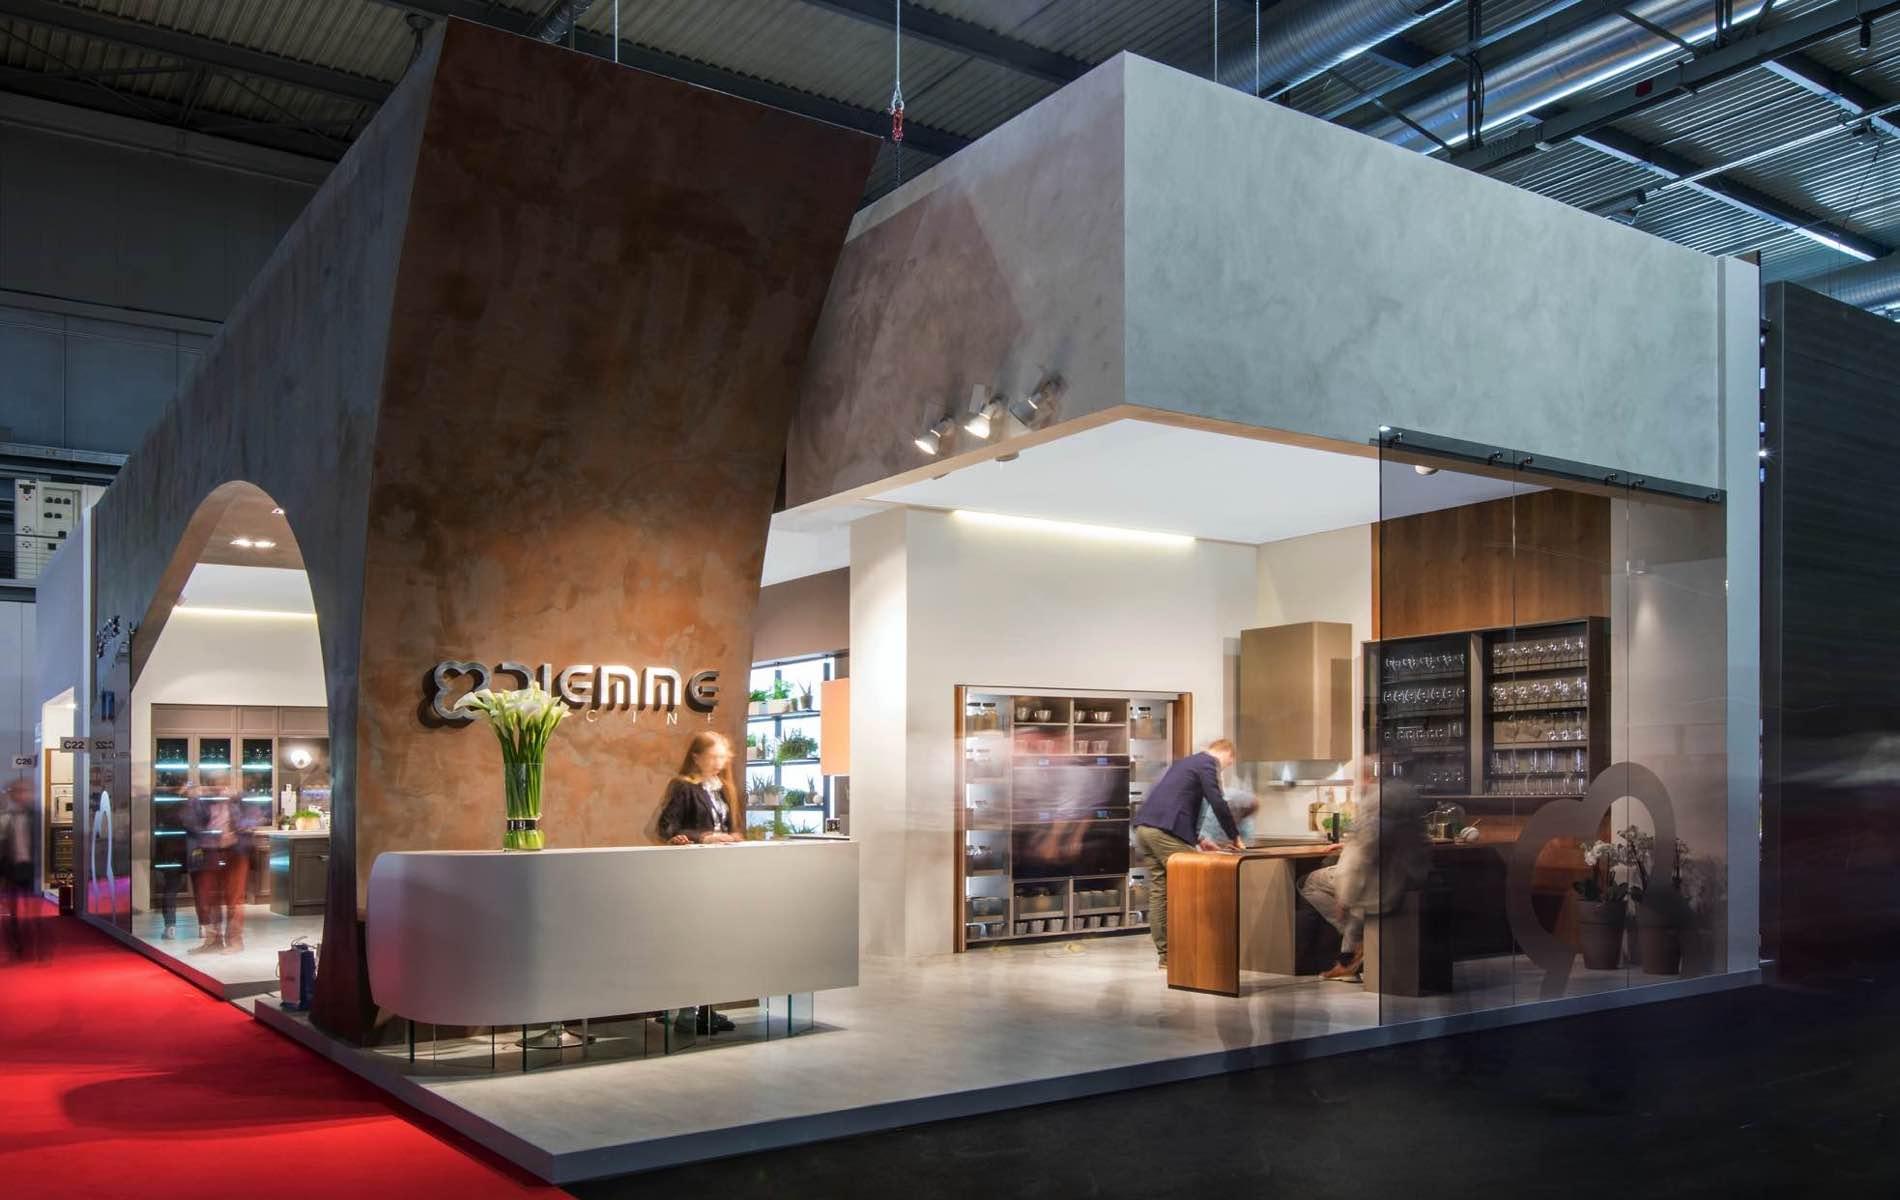 Diemme cucine salone del mobile 2018 milano bottega for Negozi cucine milano